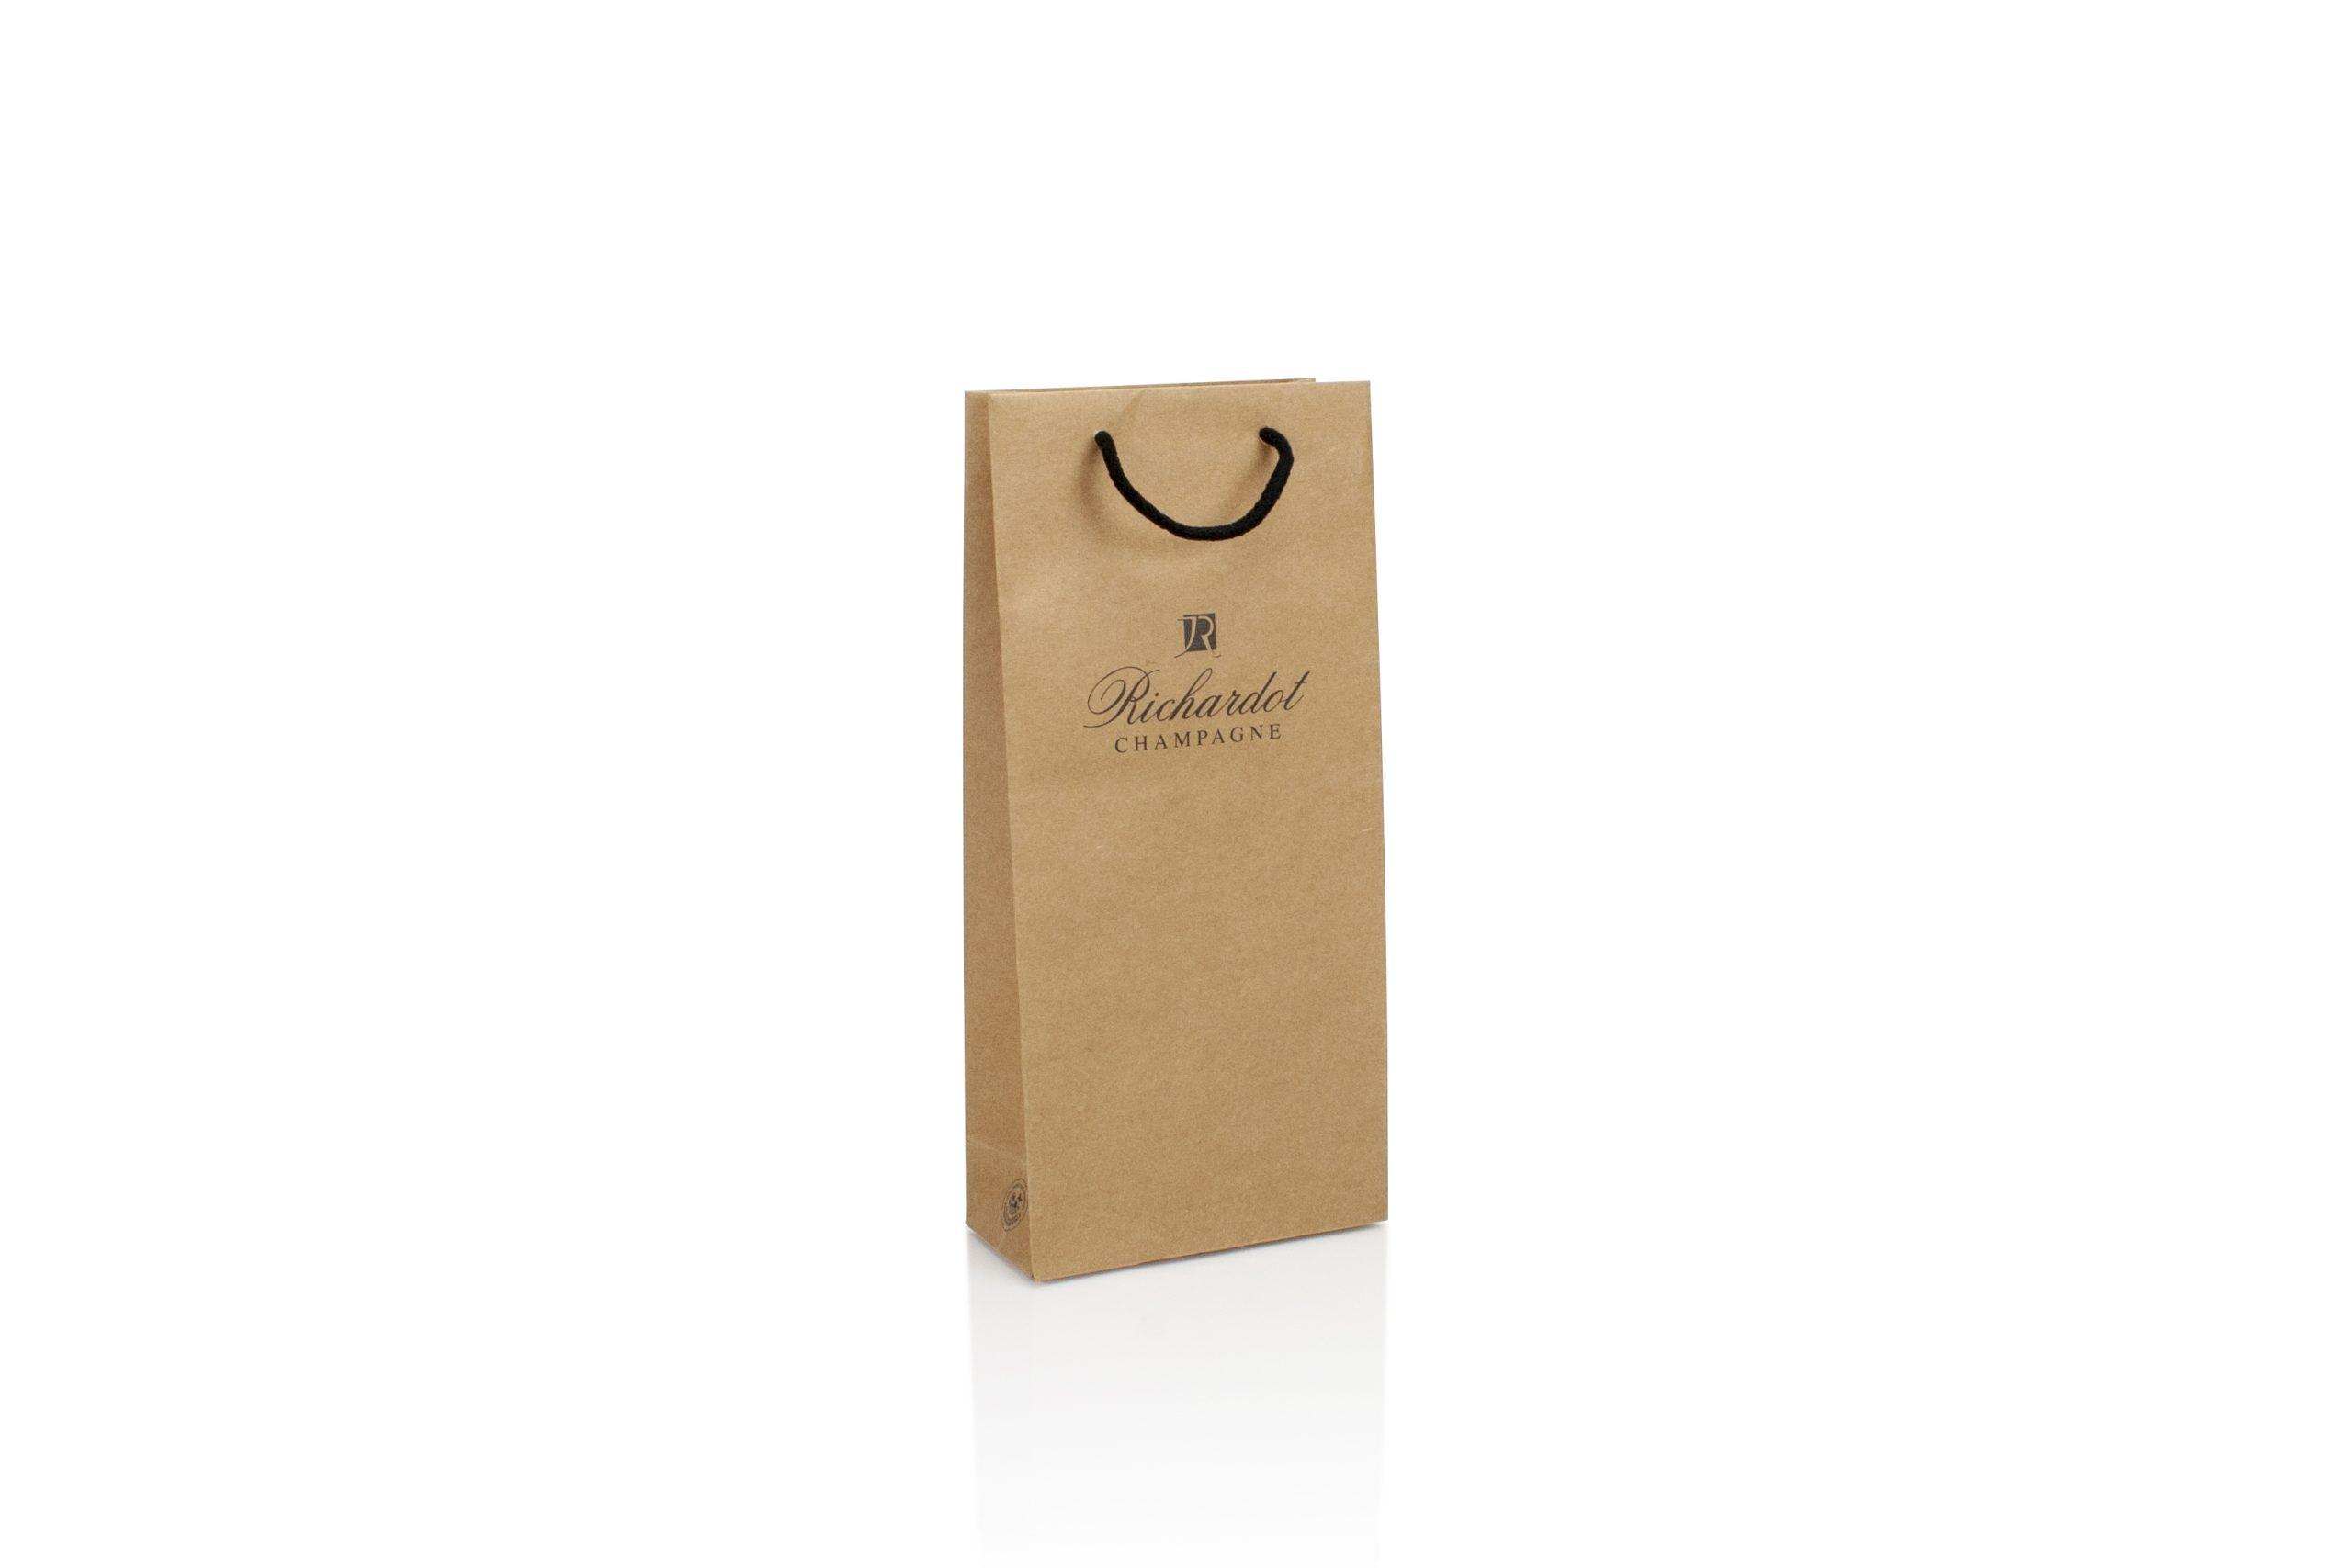 Champagneverpakking in kraft papier bedrukt met logo en katoenen handvat